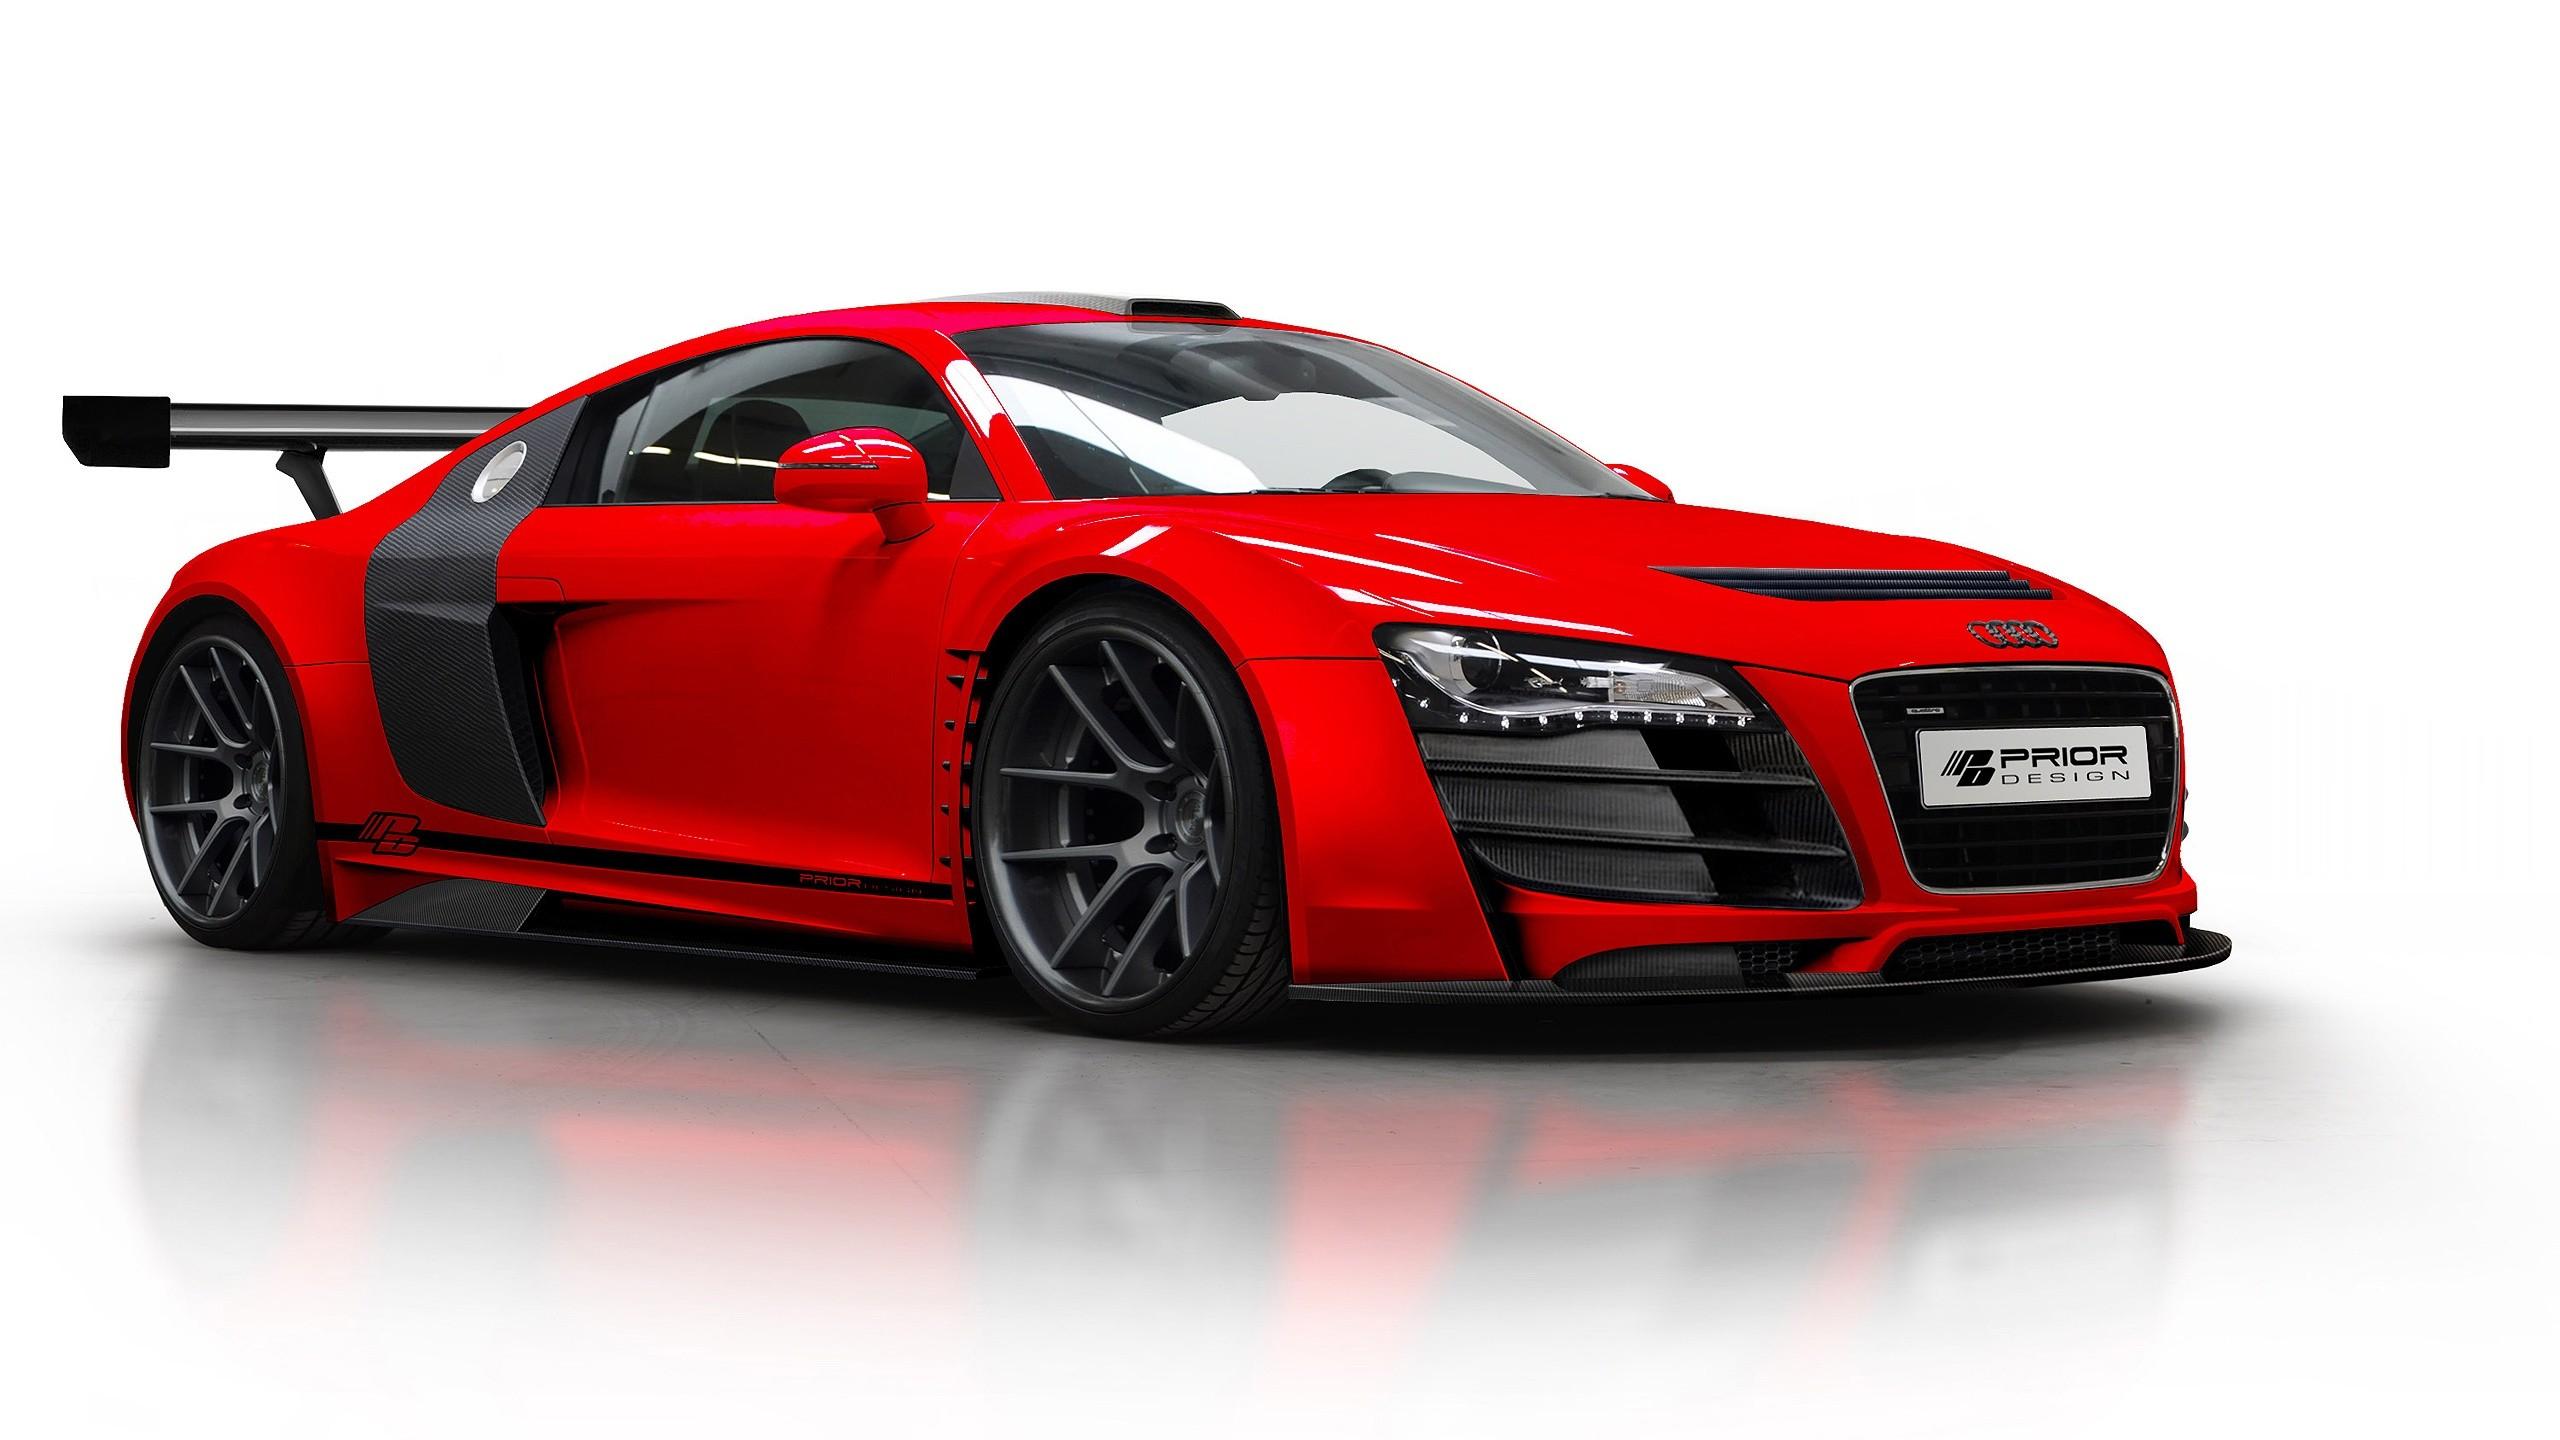 Audi Design Wallpaper Wallpapers Mrwallpaper Com audi r8 gt  wallpapers